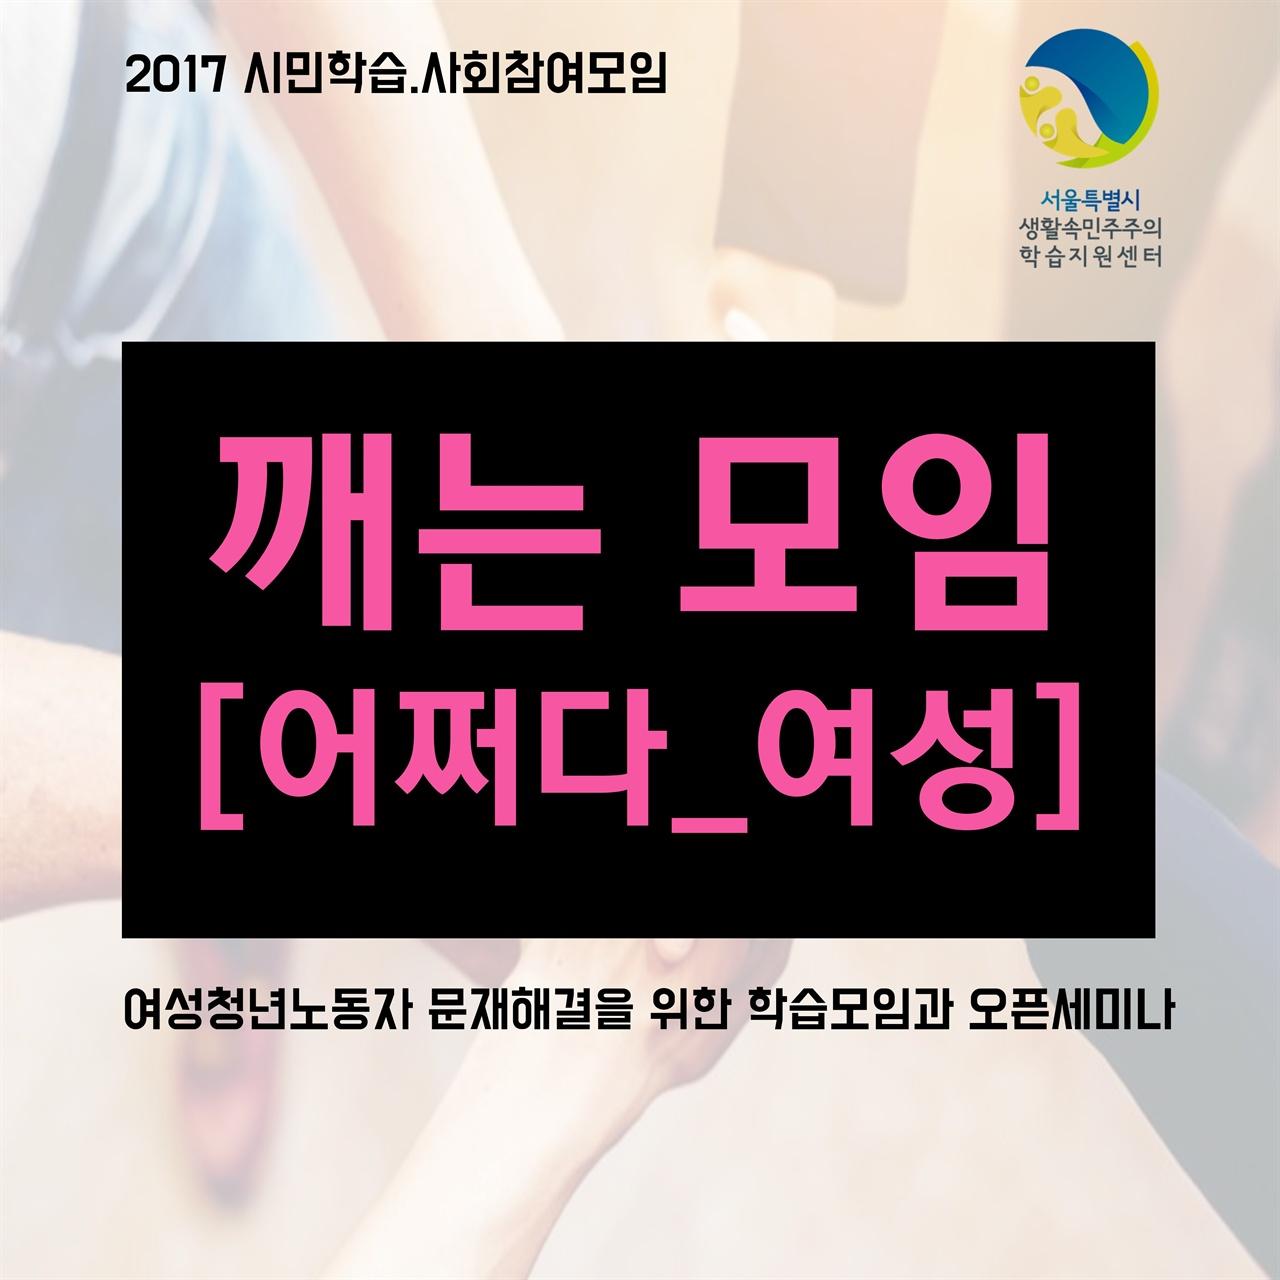 [서울시 생활속민주주의 학습지원센터] 2017 시민학습 사회참여모임 '깨는모임' 어쩌다_여성